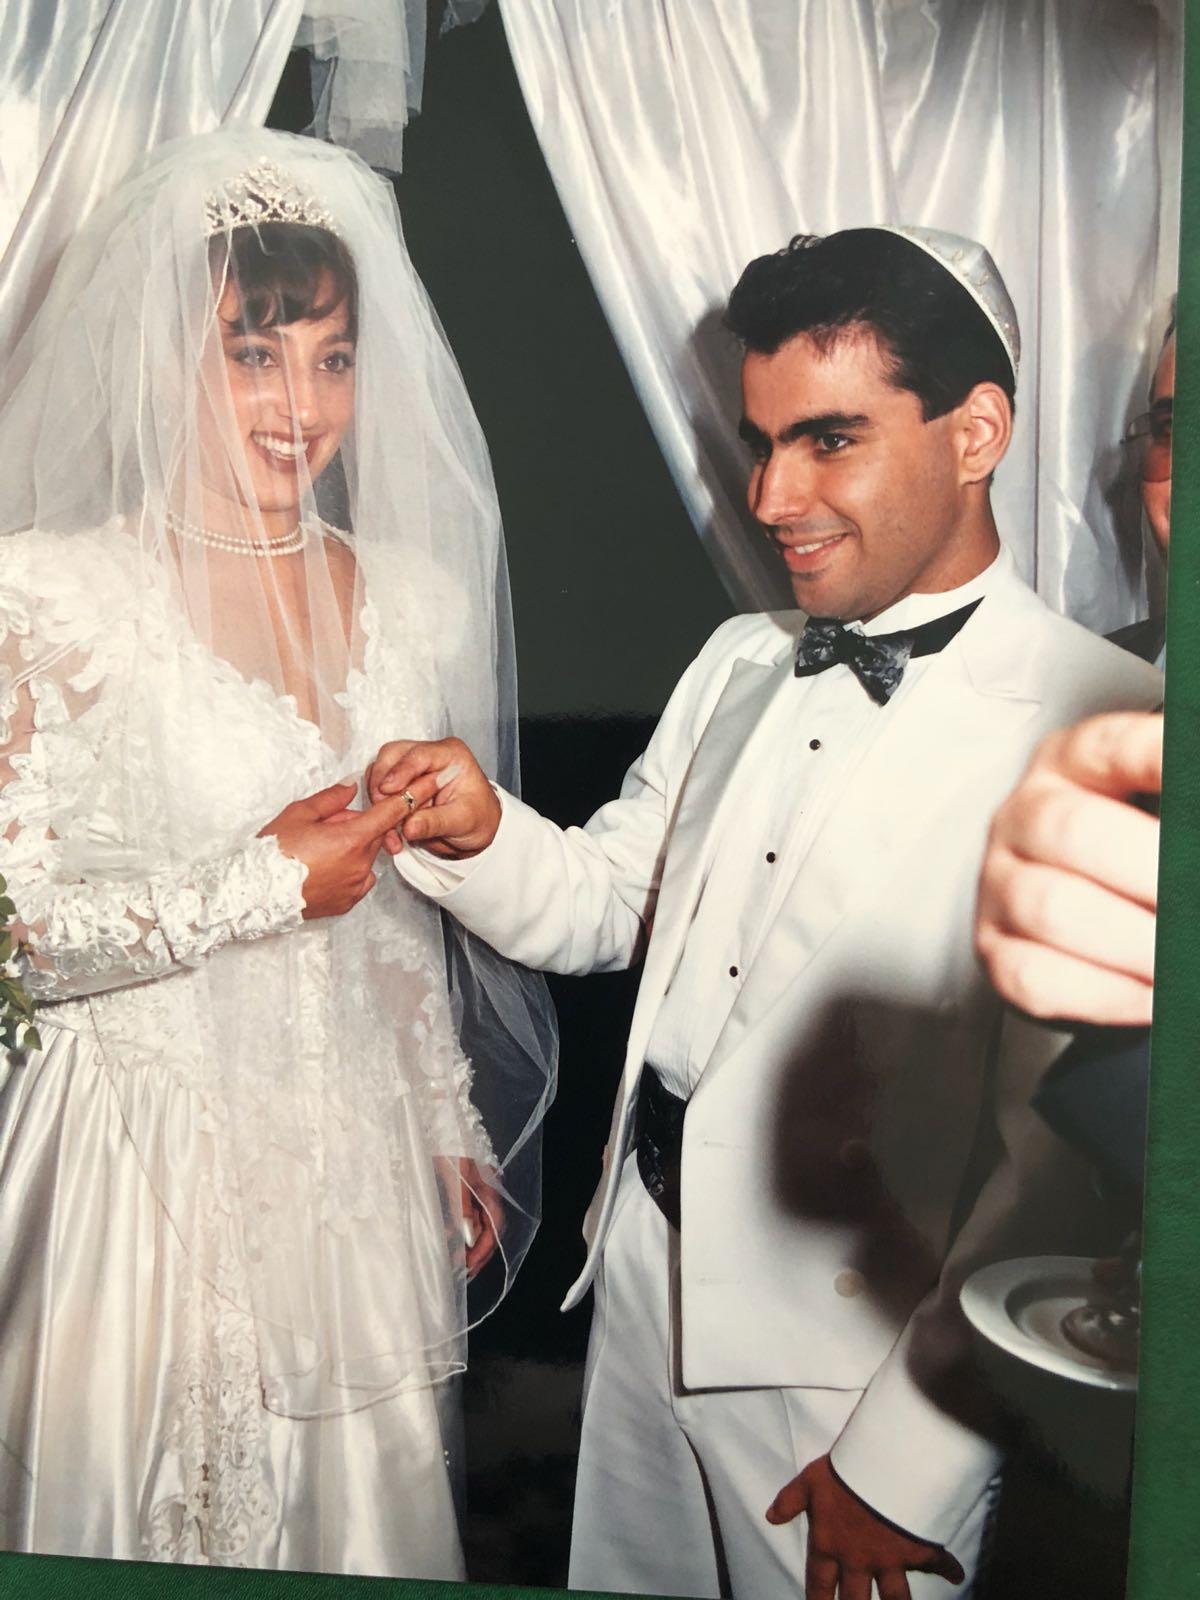 עמית צוק החתונה גבר